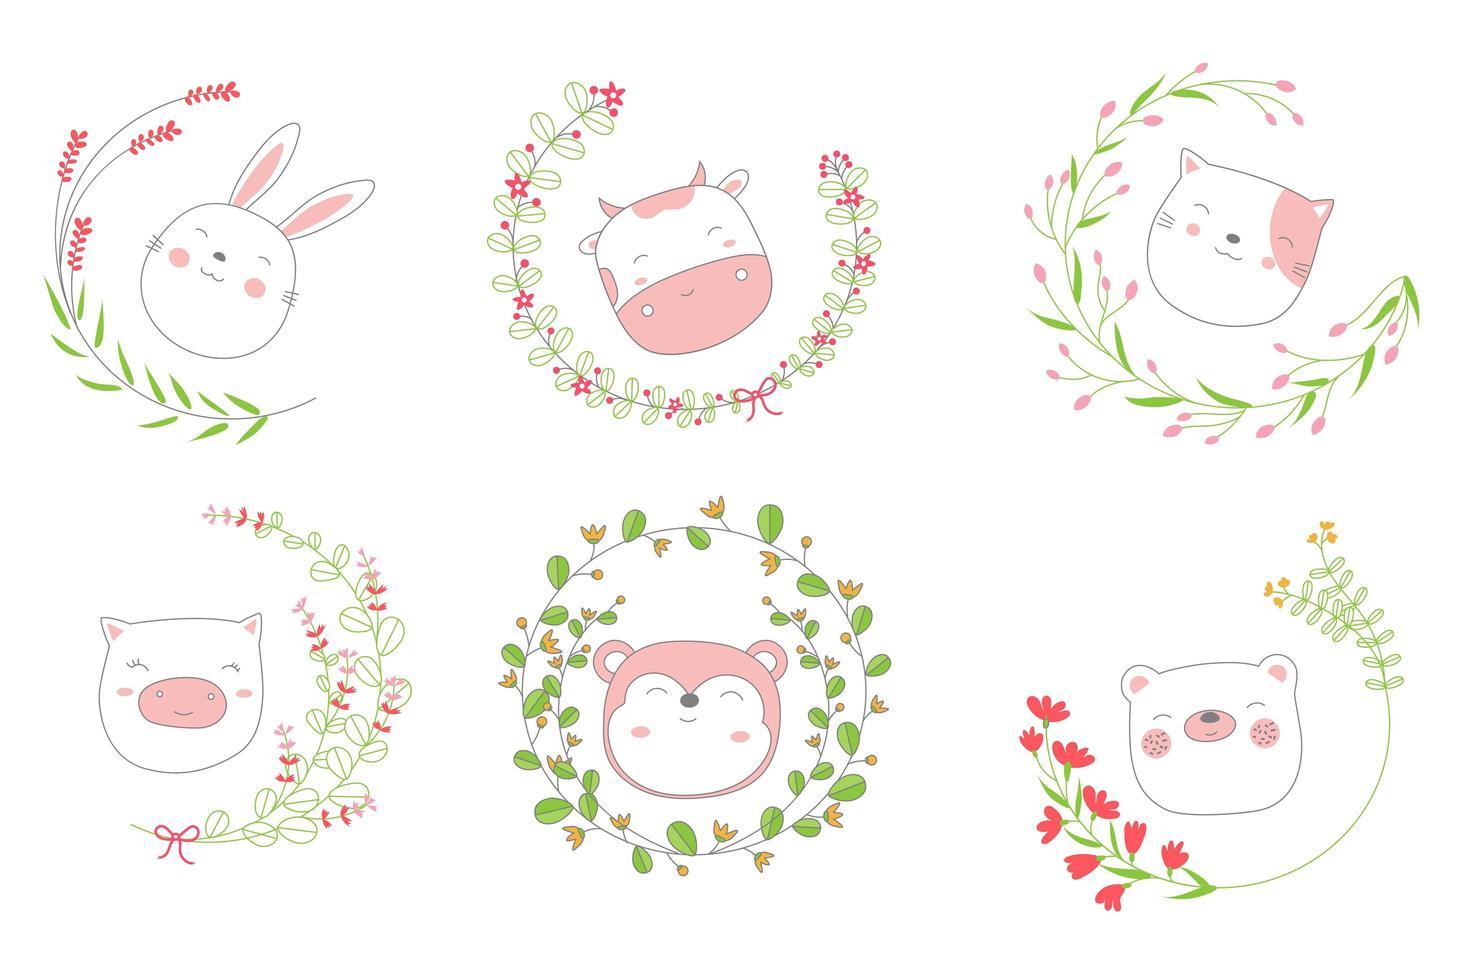 tecknad skiss baby djur ansikten i blommiga ramar vektor